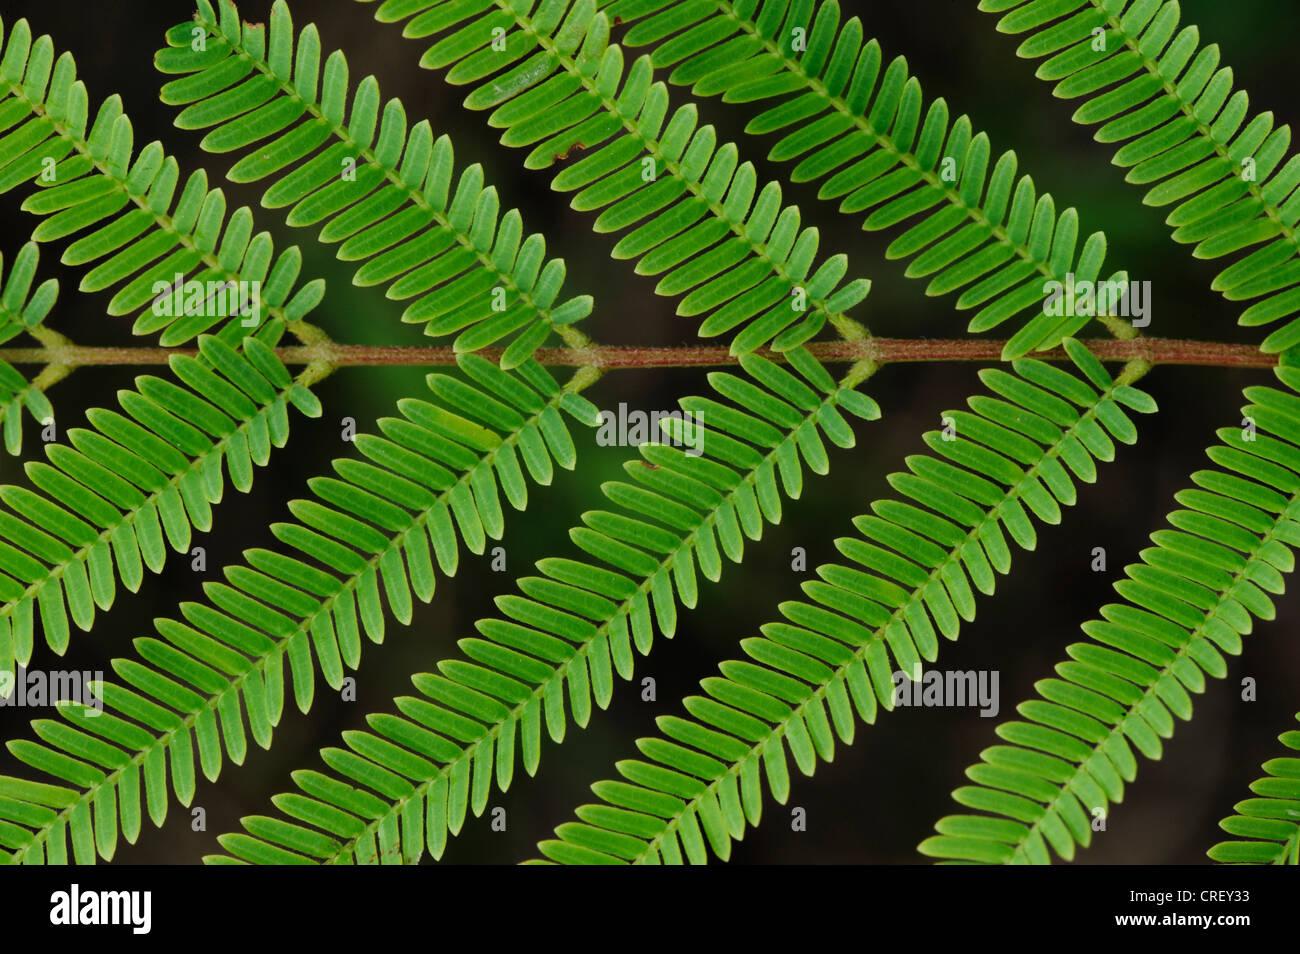 Acacia (Acacia berlandieri Guajillo), configuration de lames, Dinero, Lake Corpus Christi, Texas, États-Unis Photo Stock